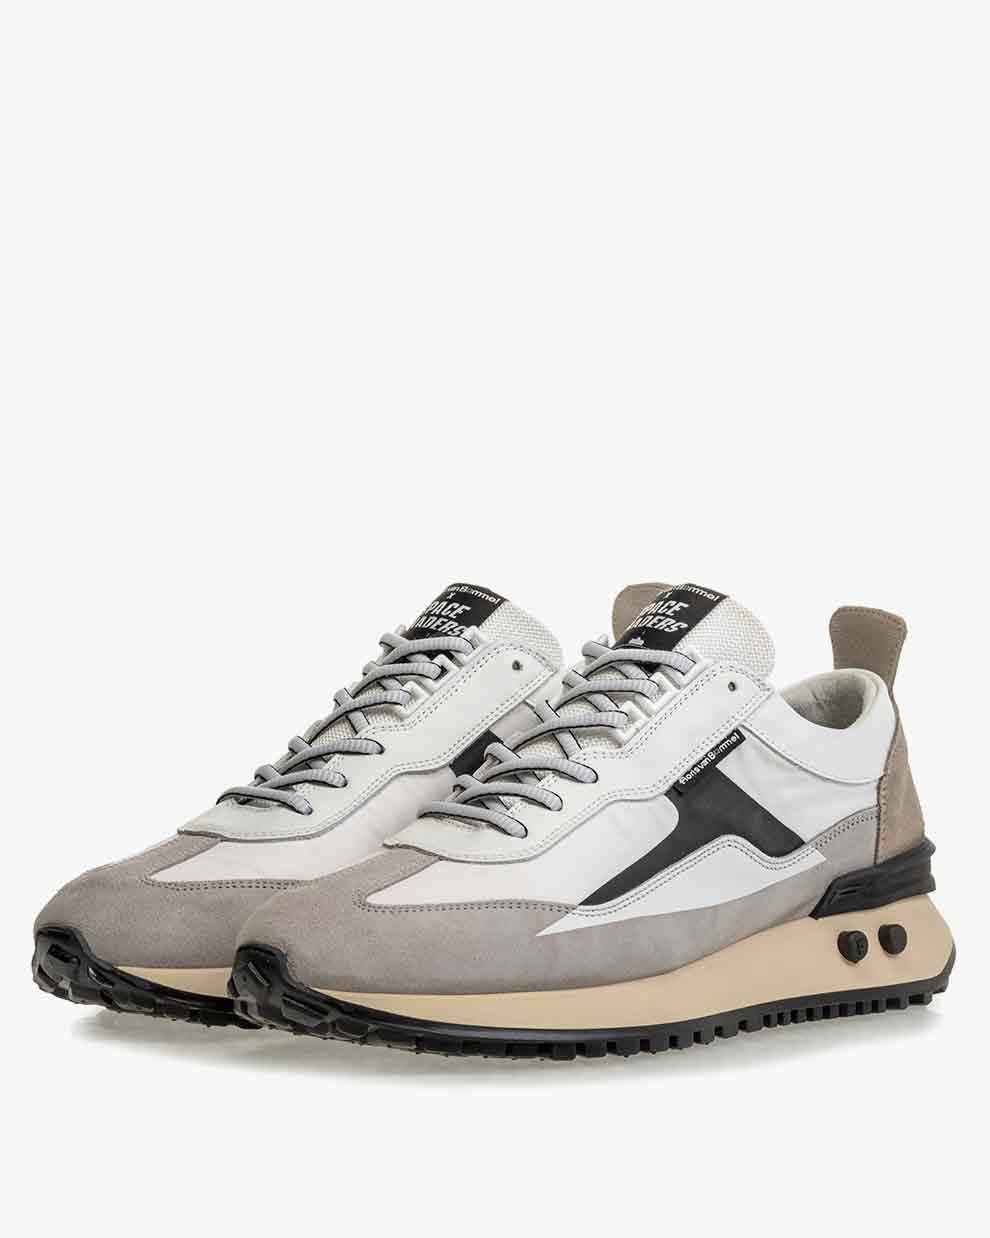 Sneaker space invaders white 16424/01   Floris van Bommel Official®